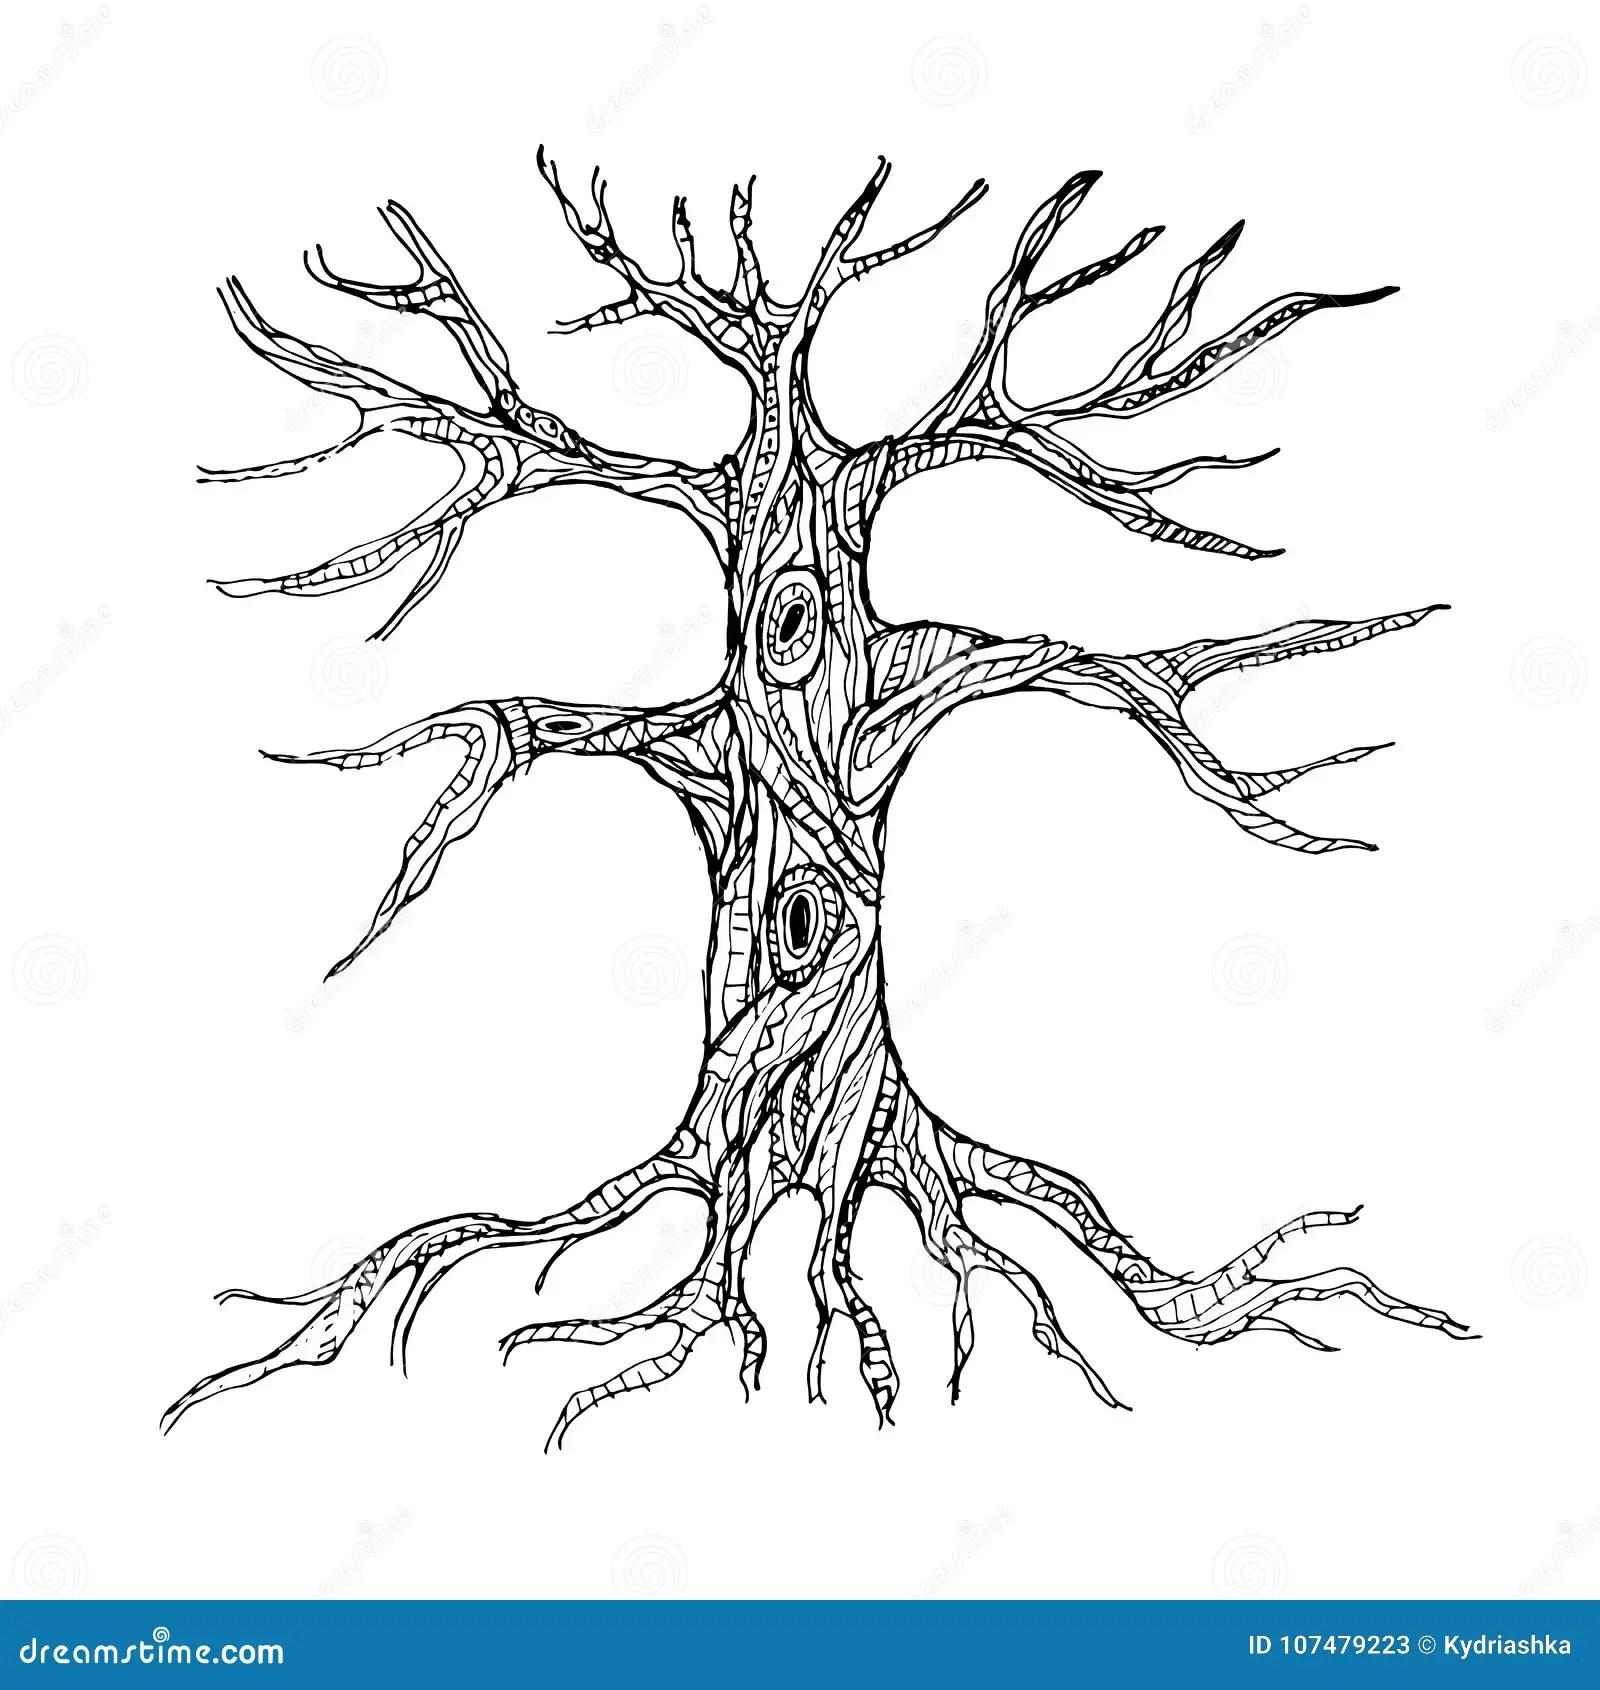 https fr dreamstime com tronc d arbre nu fleuri des racines image107479223